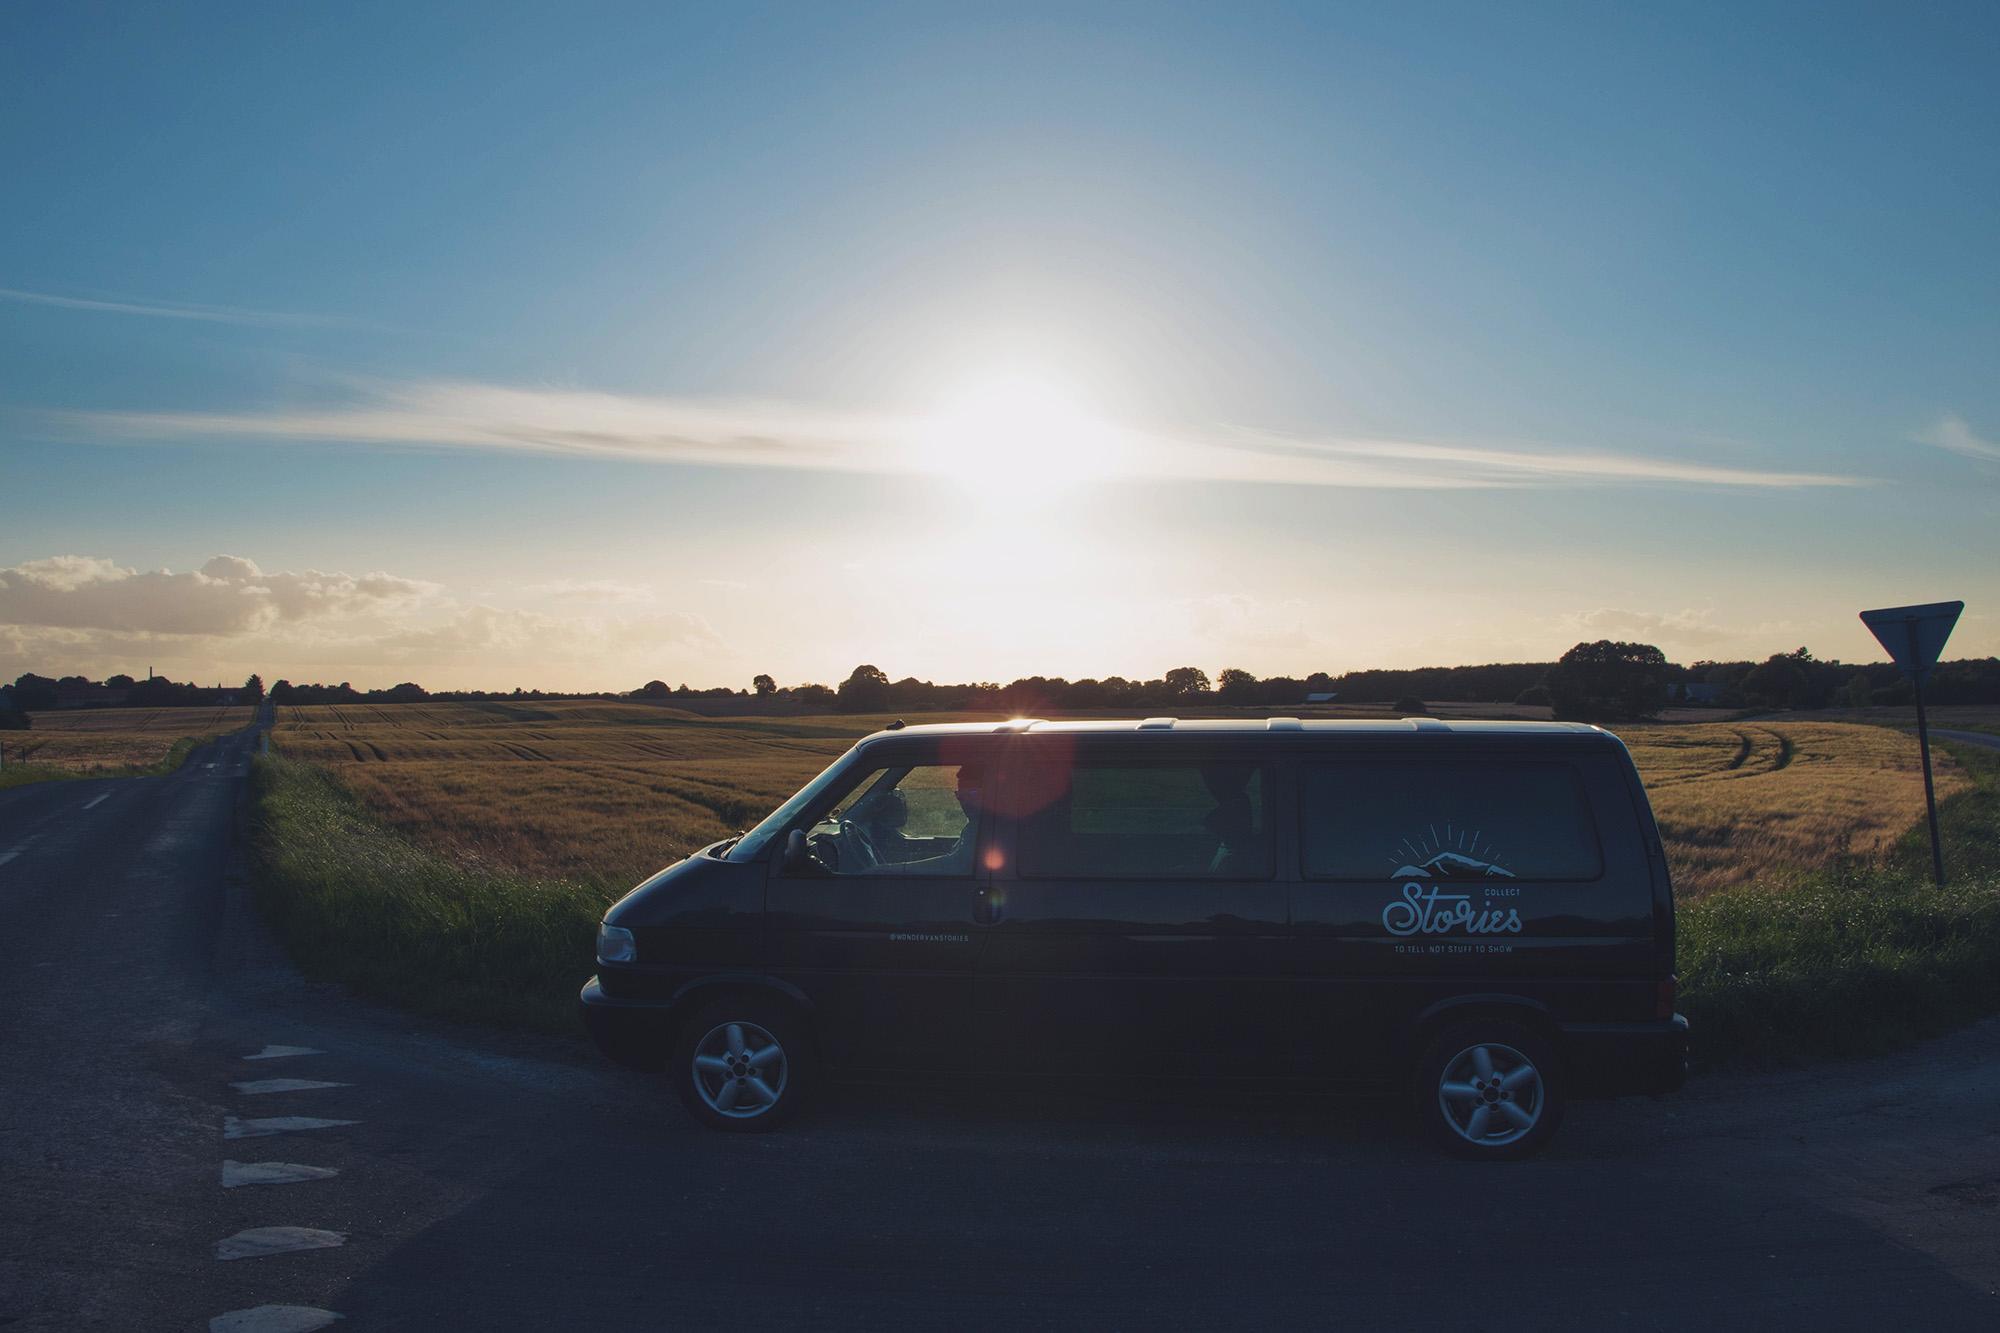 Countryside sunset, Denmark